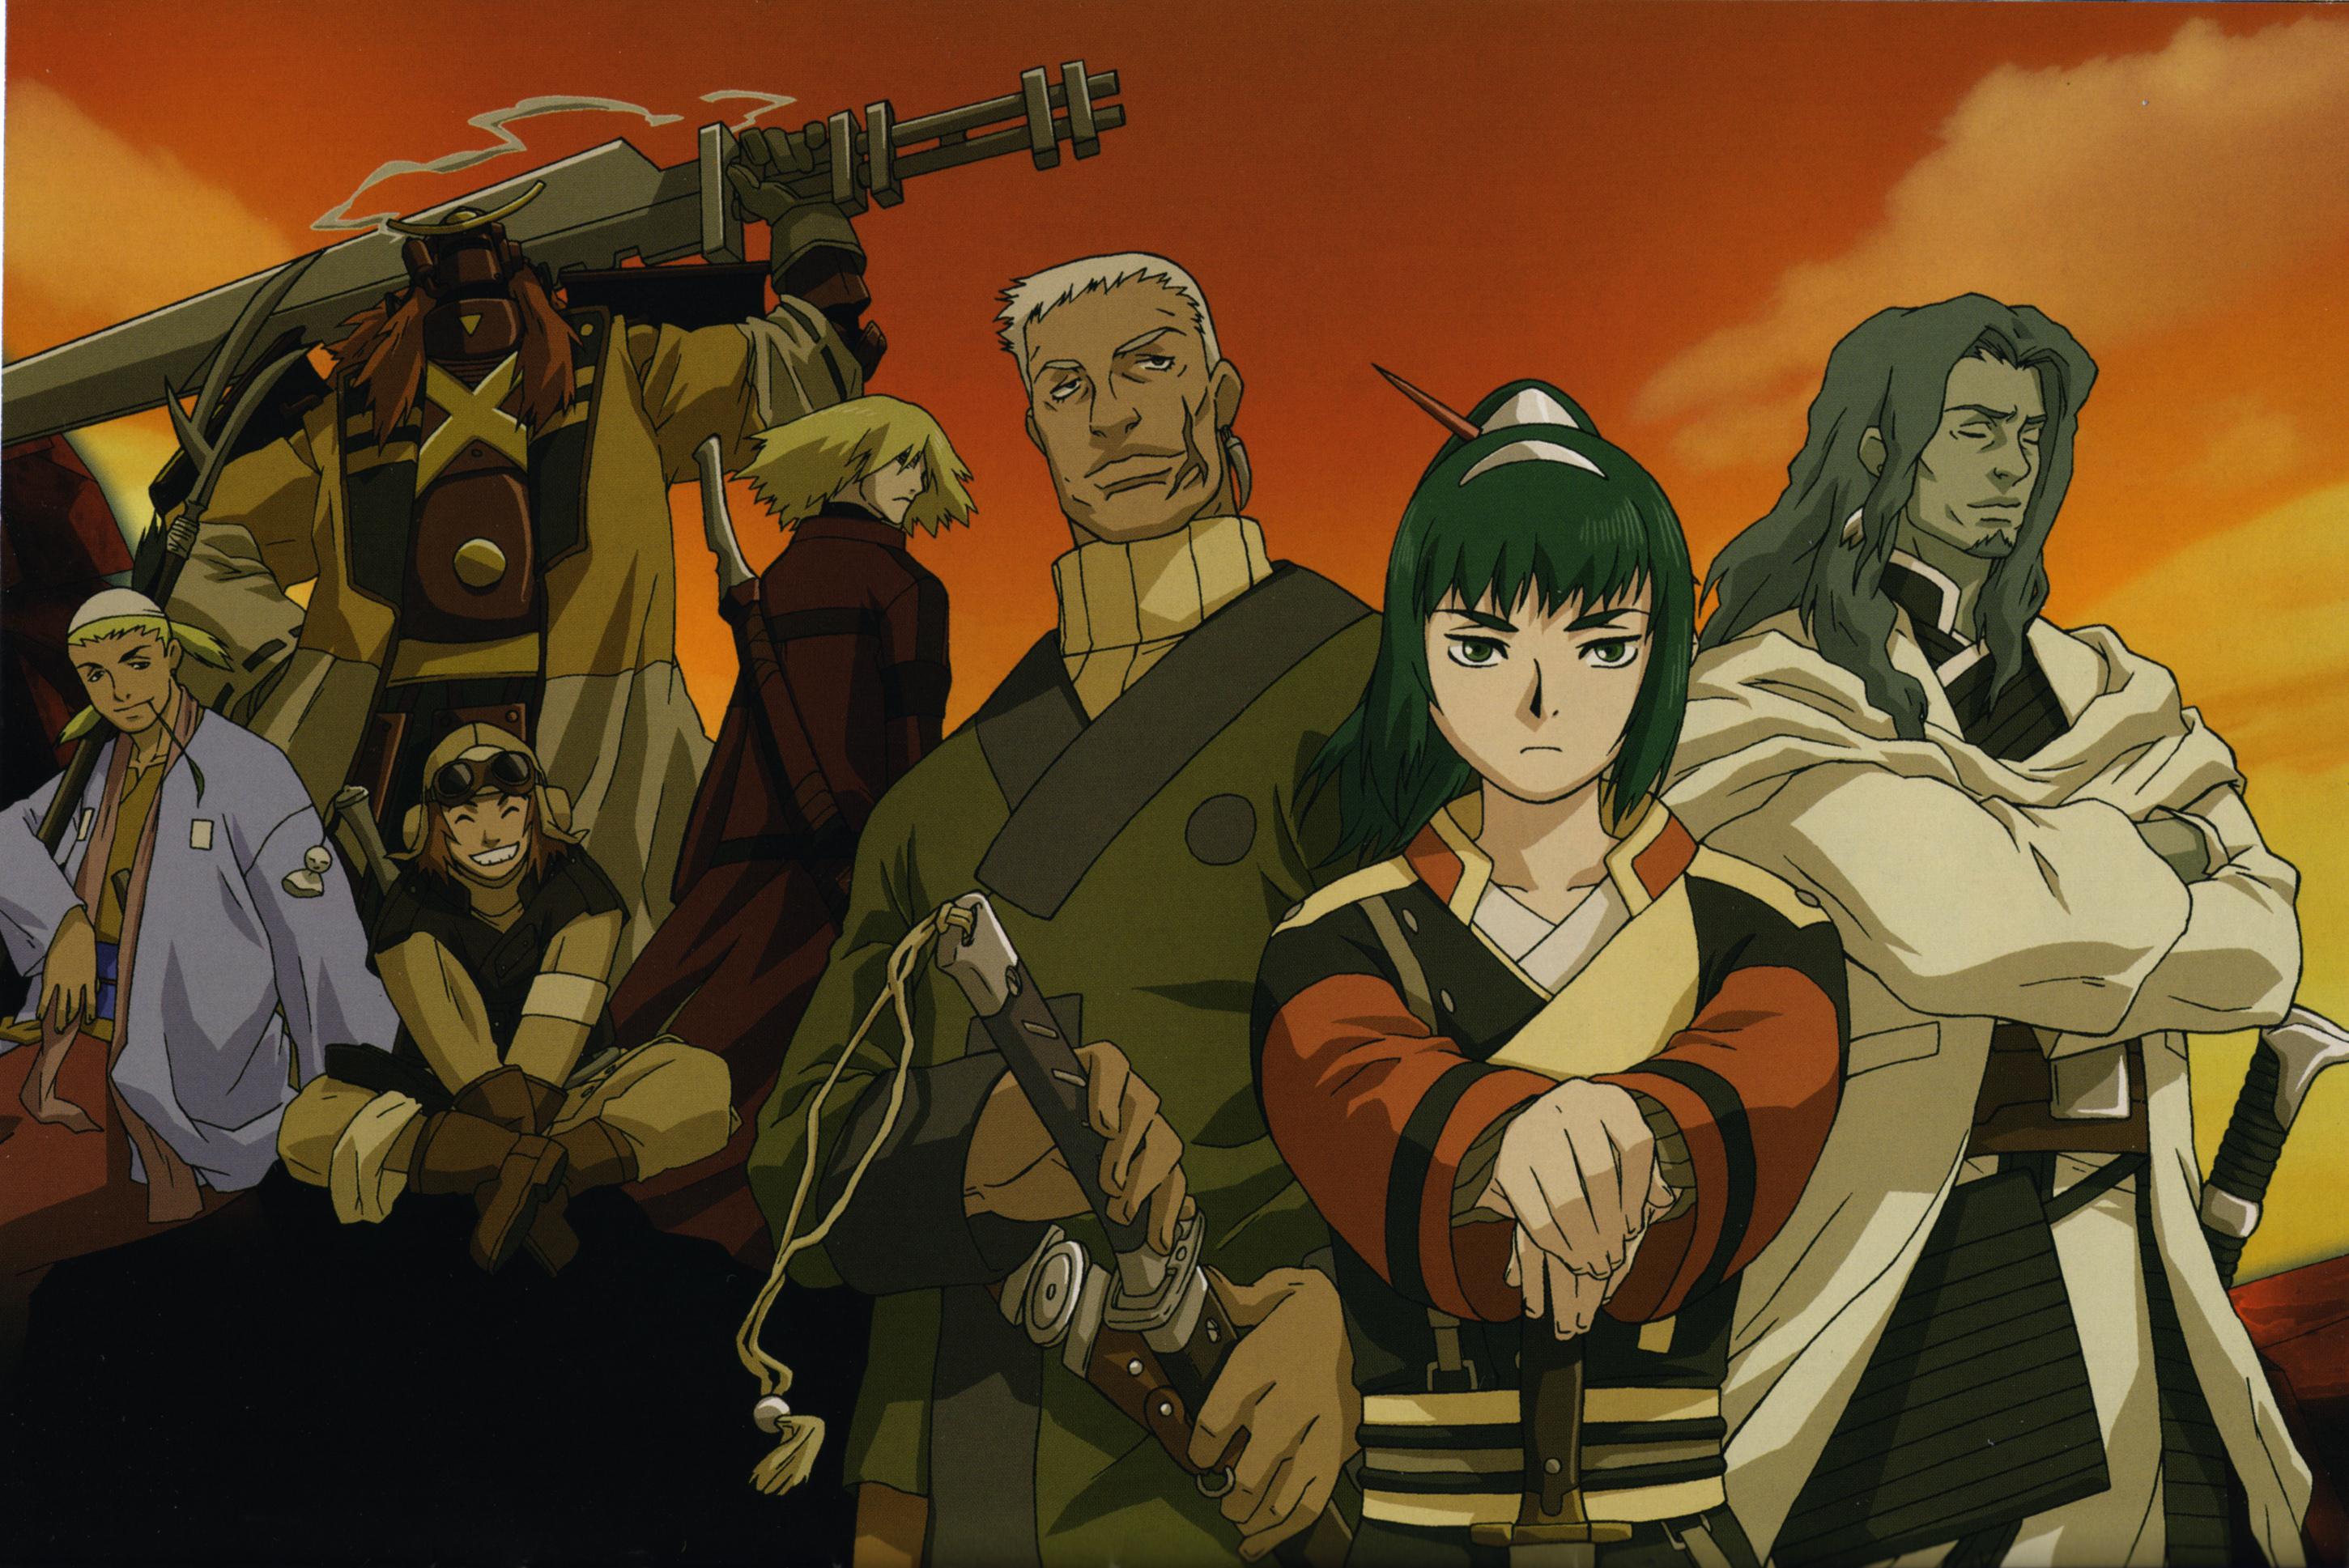 аниме 7 самураев скачать: